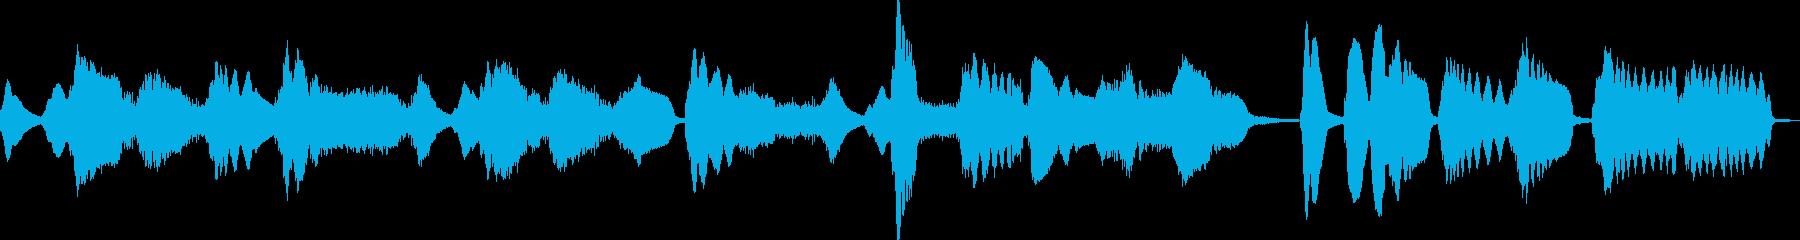 ハッピーバースディトゥーユー/リコーダーの再生済みの波形